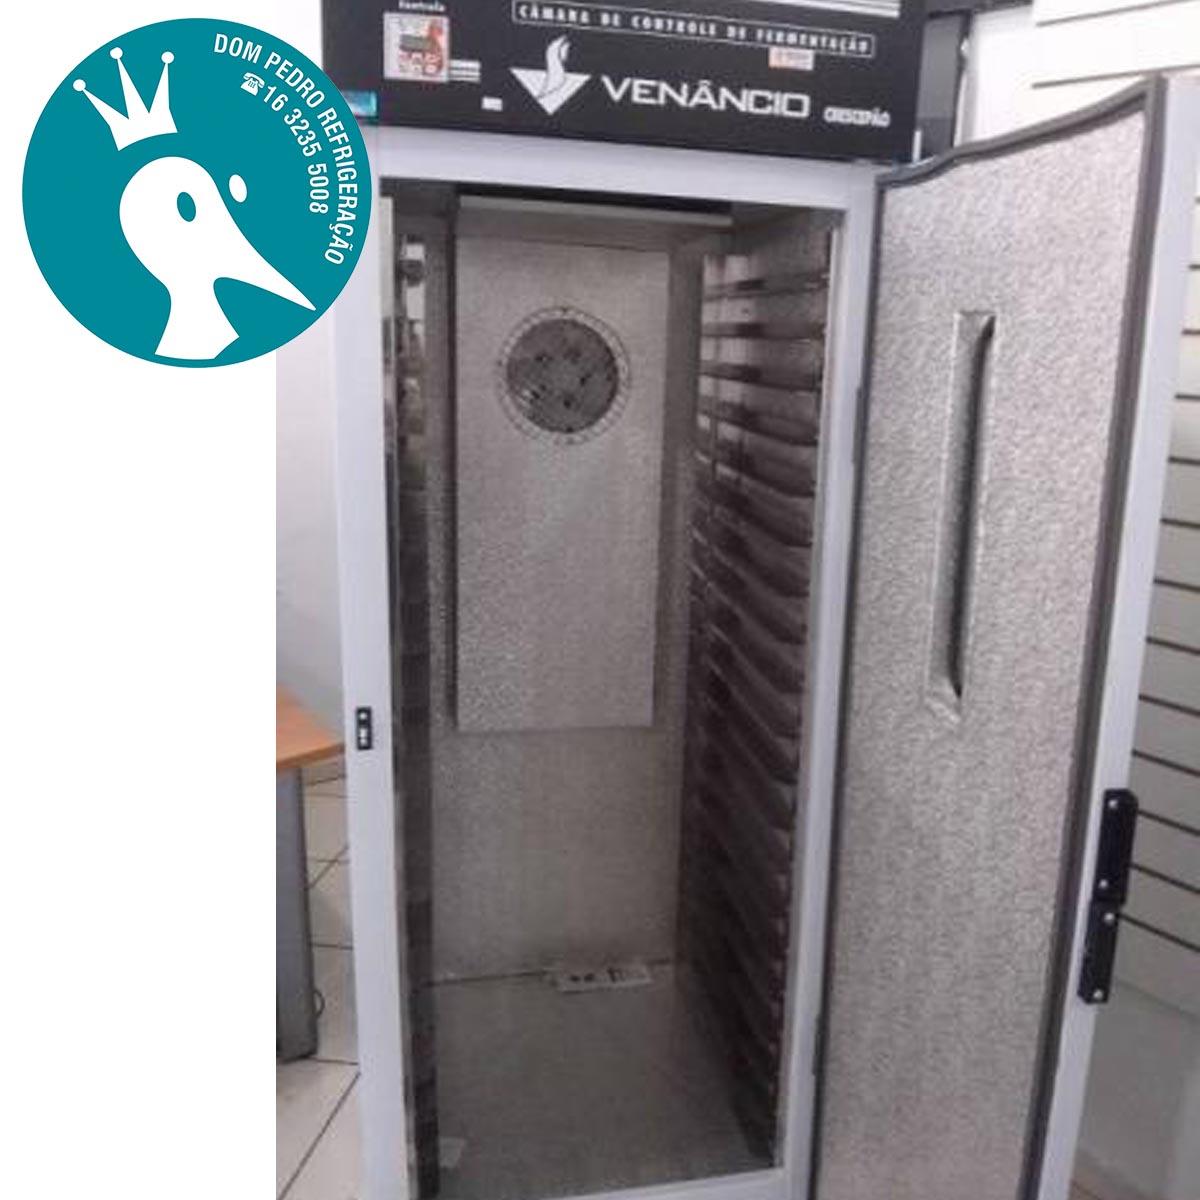 Câmara Climática para 500 Pães Dupla Função - Venâncio 220V